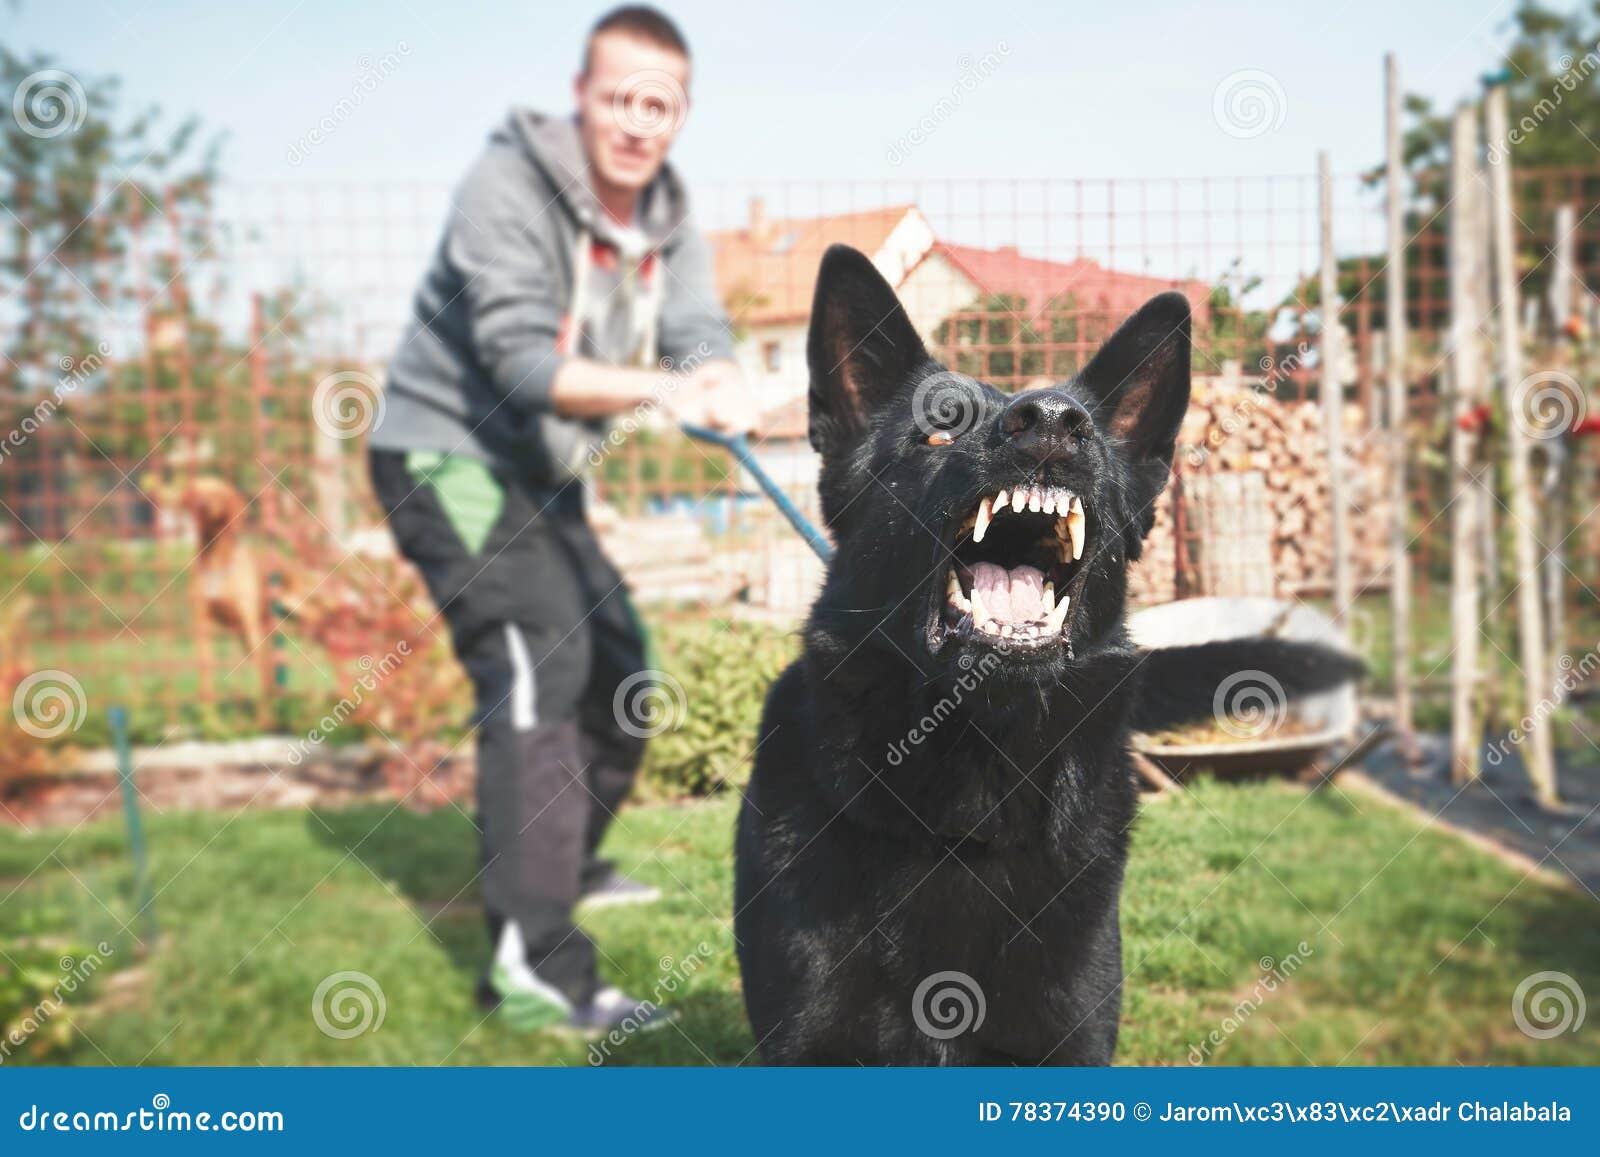 Le chien agressif aboie